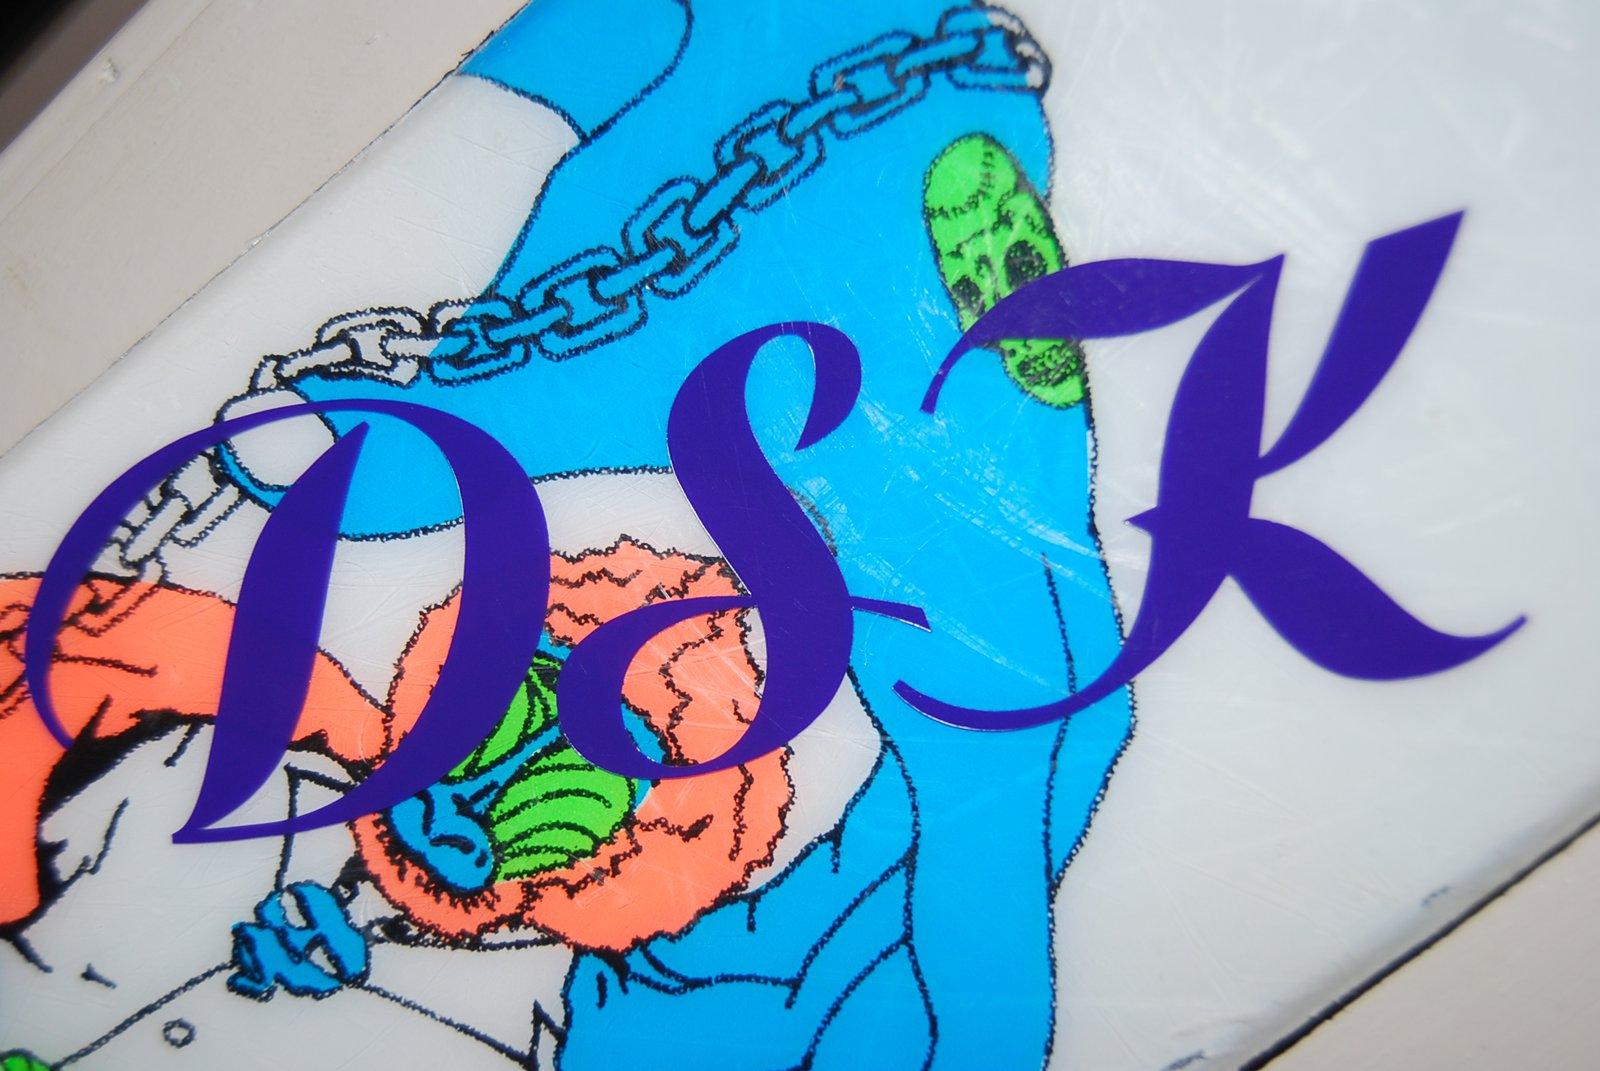 DSK!!!!